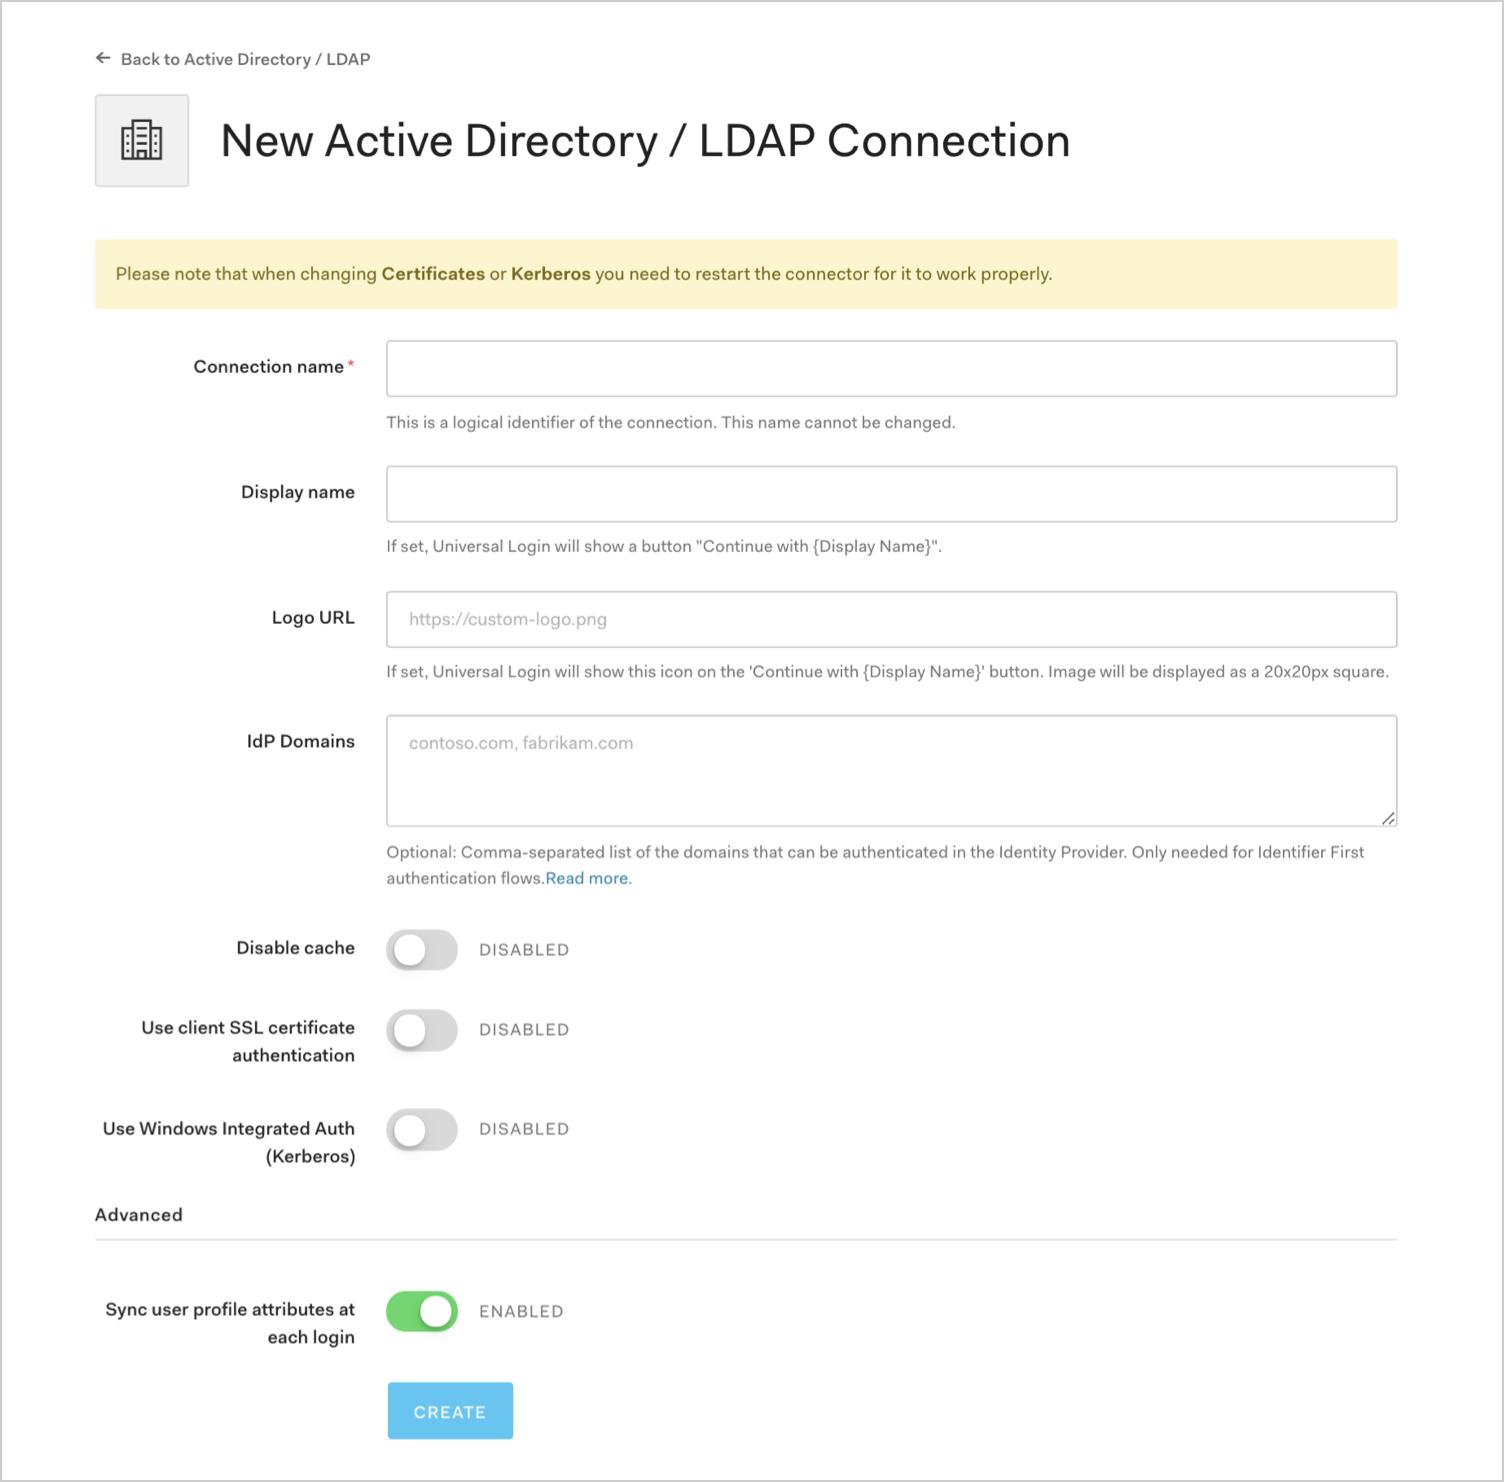 Enter AD / LDAP Connection Details